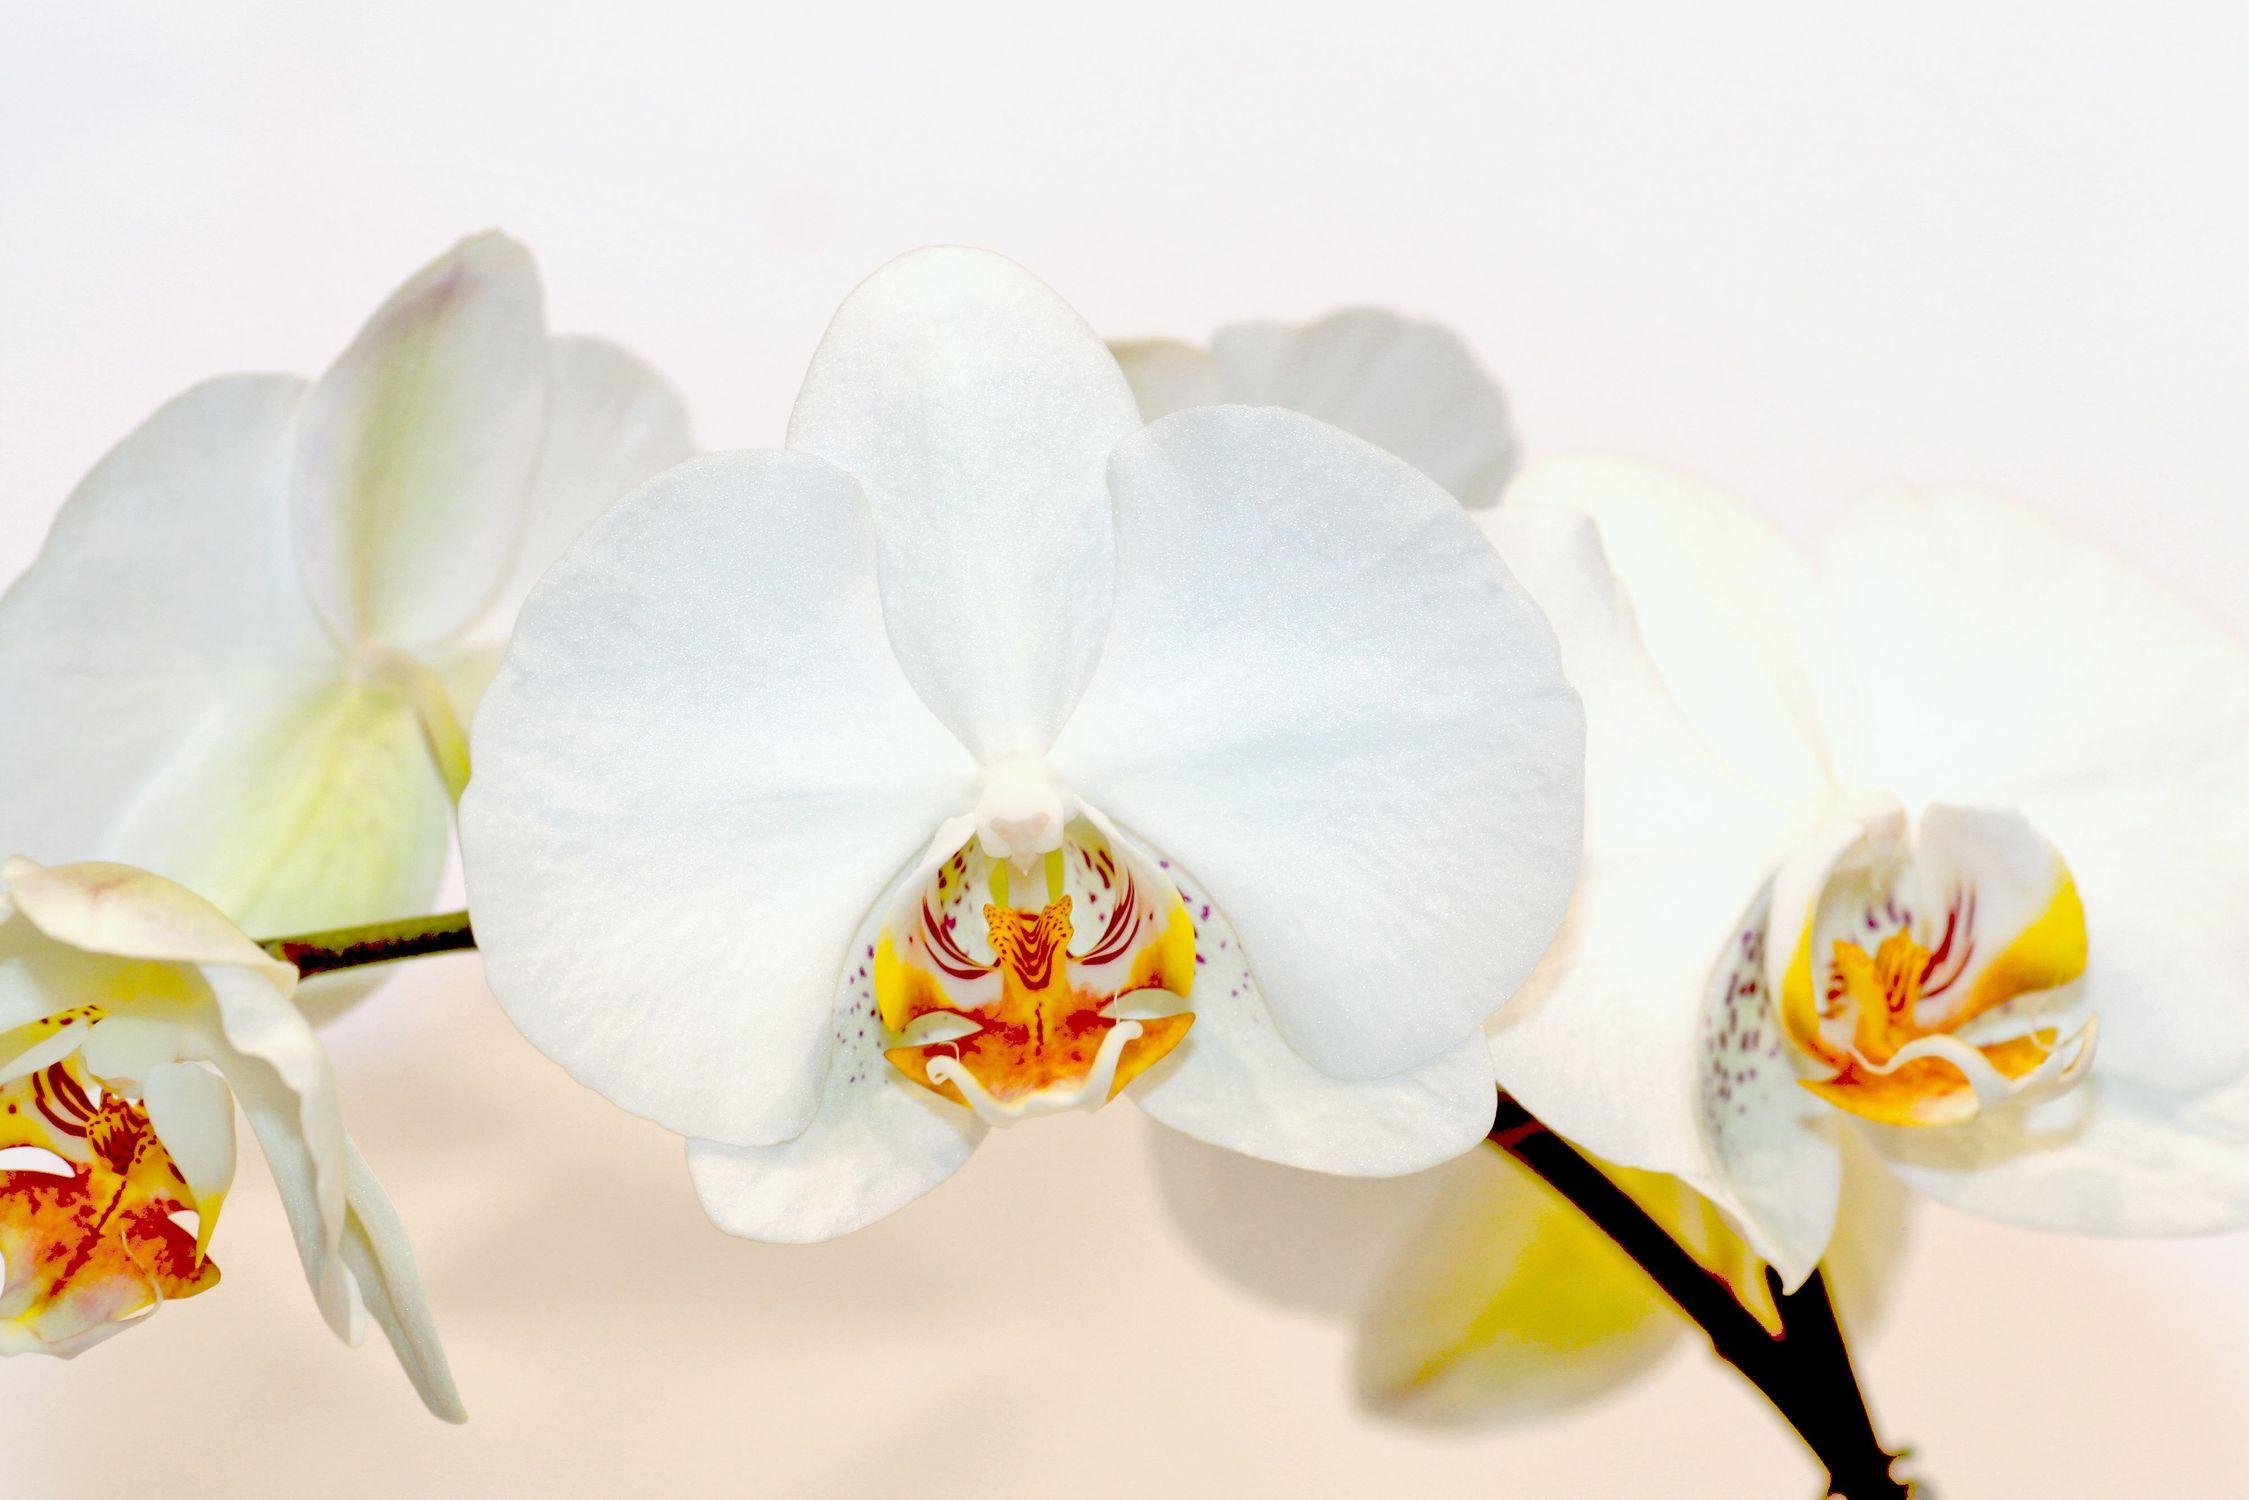 Bild mit Natur, Pflanzen, Jahreszeiten, Blumen, Frühling, Orchideen, Blume, Orchidee, Orchid, Orchids, Orchideengewächse, Pflanze, Orchidaceae